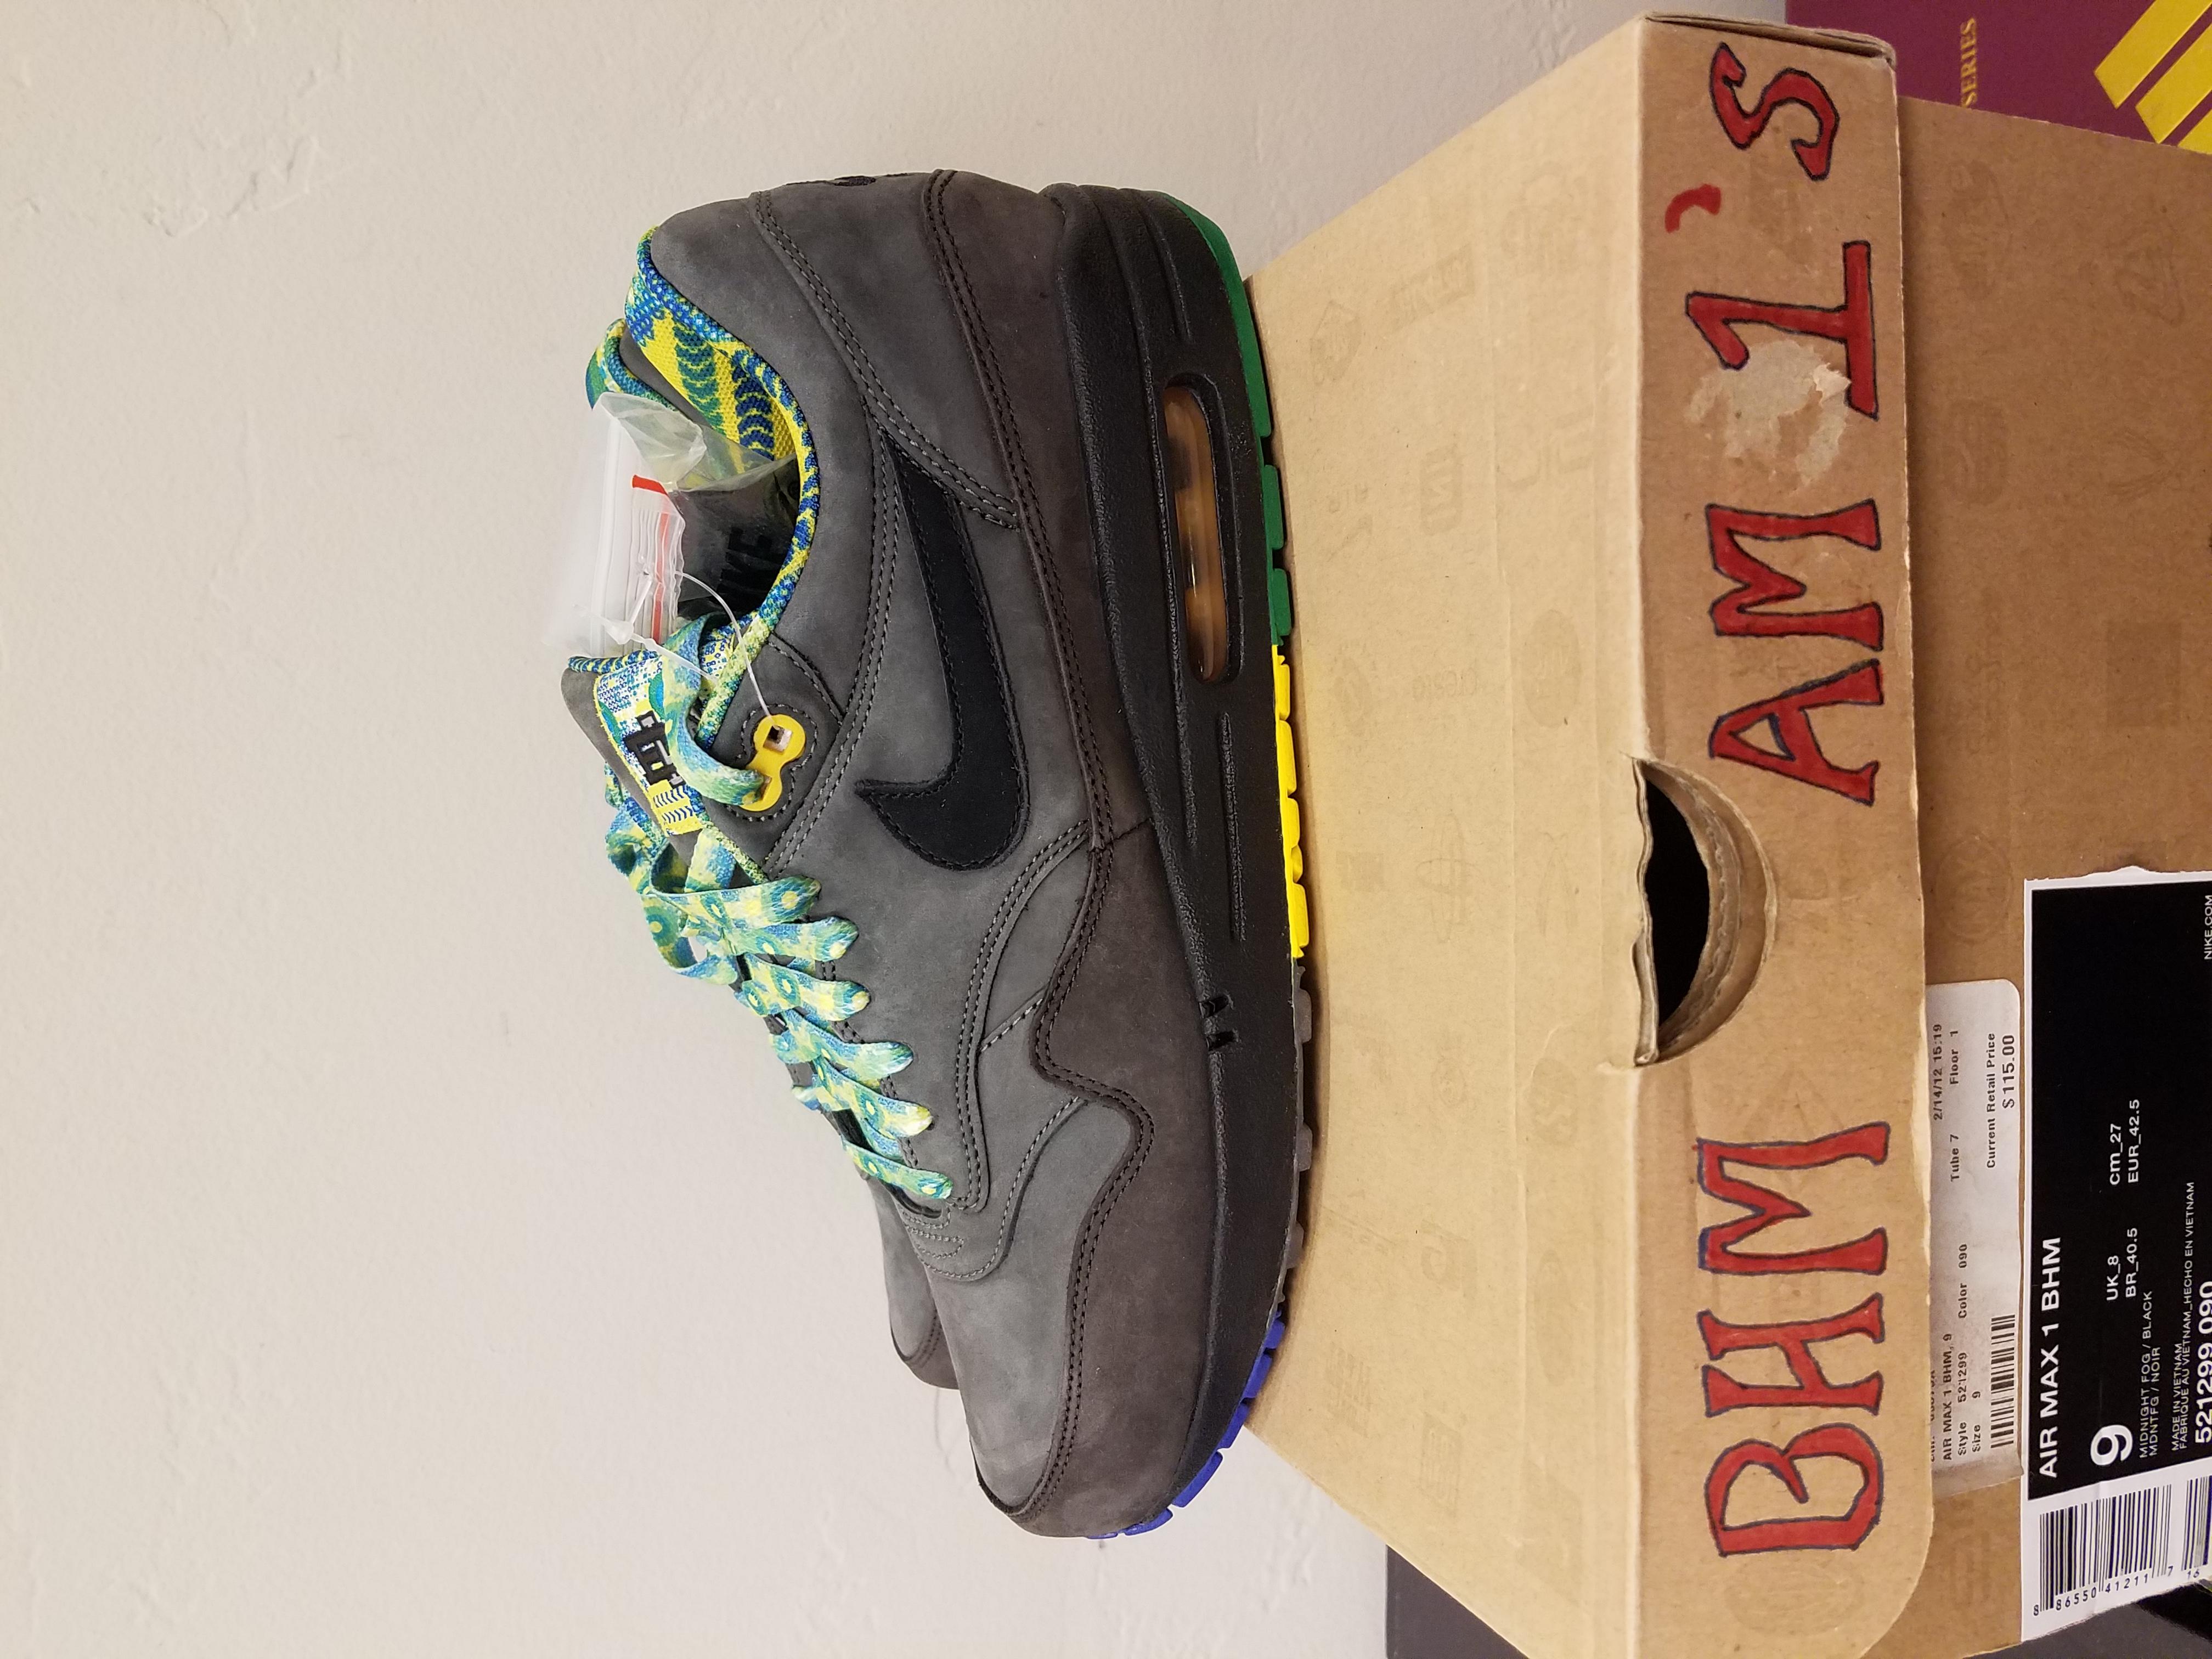 Nike Nike Air Max 1 Bhm Black History Month 2012